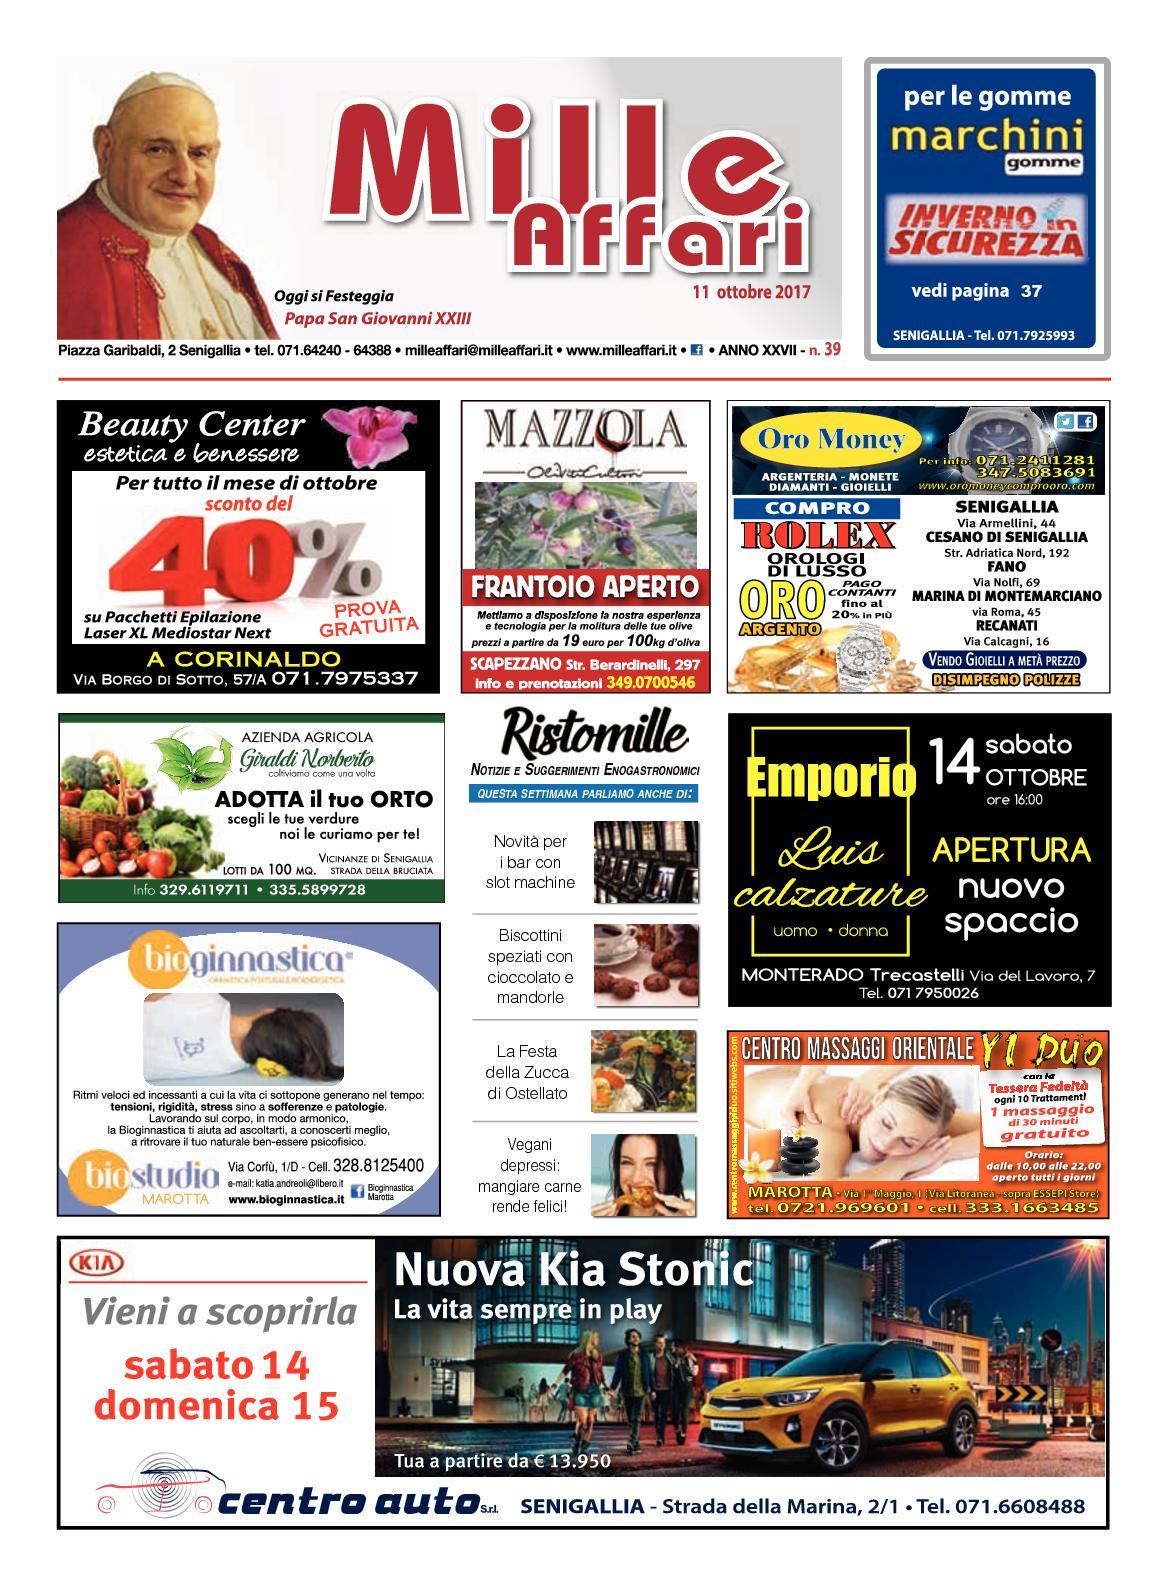 Calaméo - Milleaffari N°39 Del 11.10.17 9793a86d12d